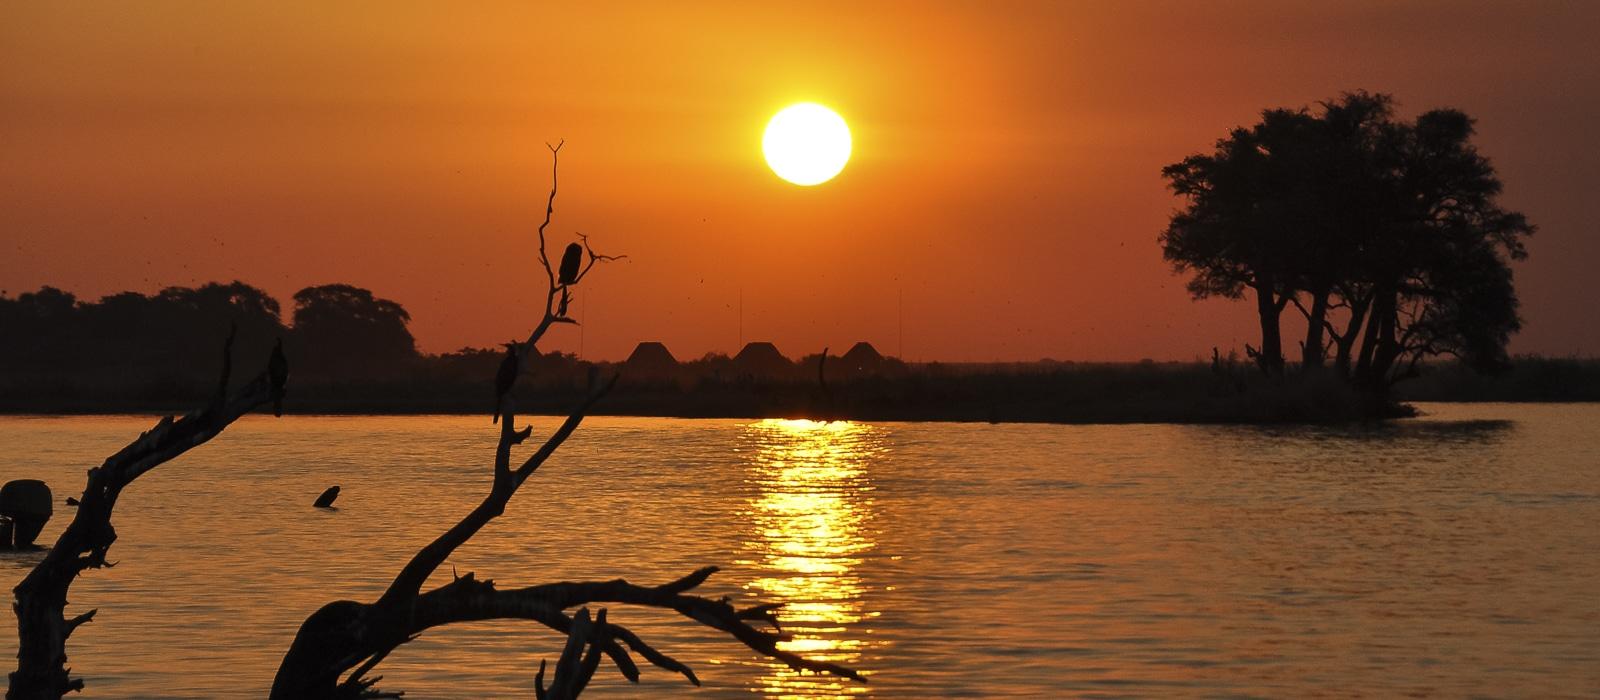 img-diapo-entete - Botswana-1600x700-15.jpg